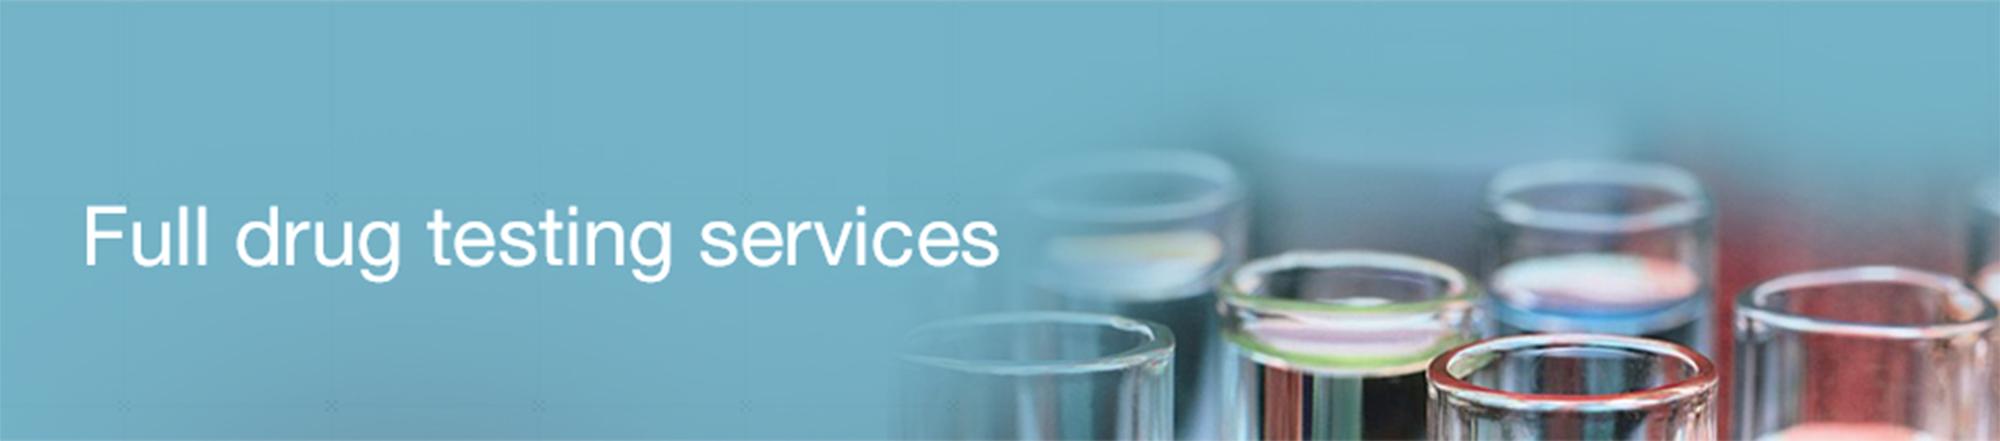 Partnership Screening - Background Checks and Employee Screening